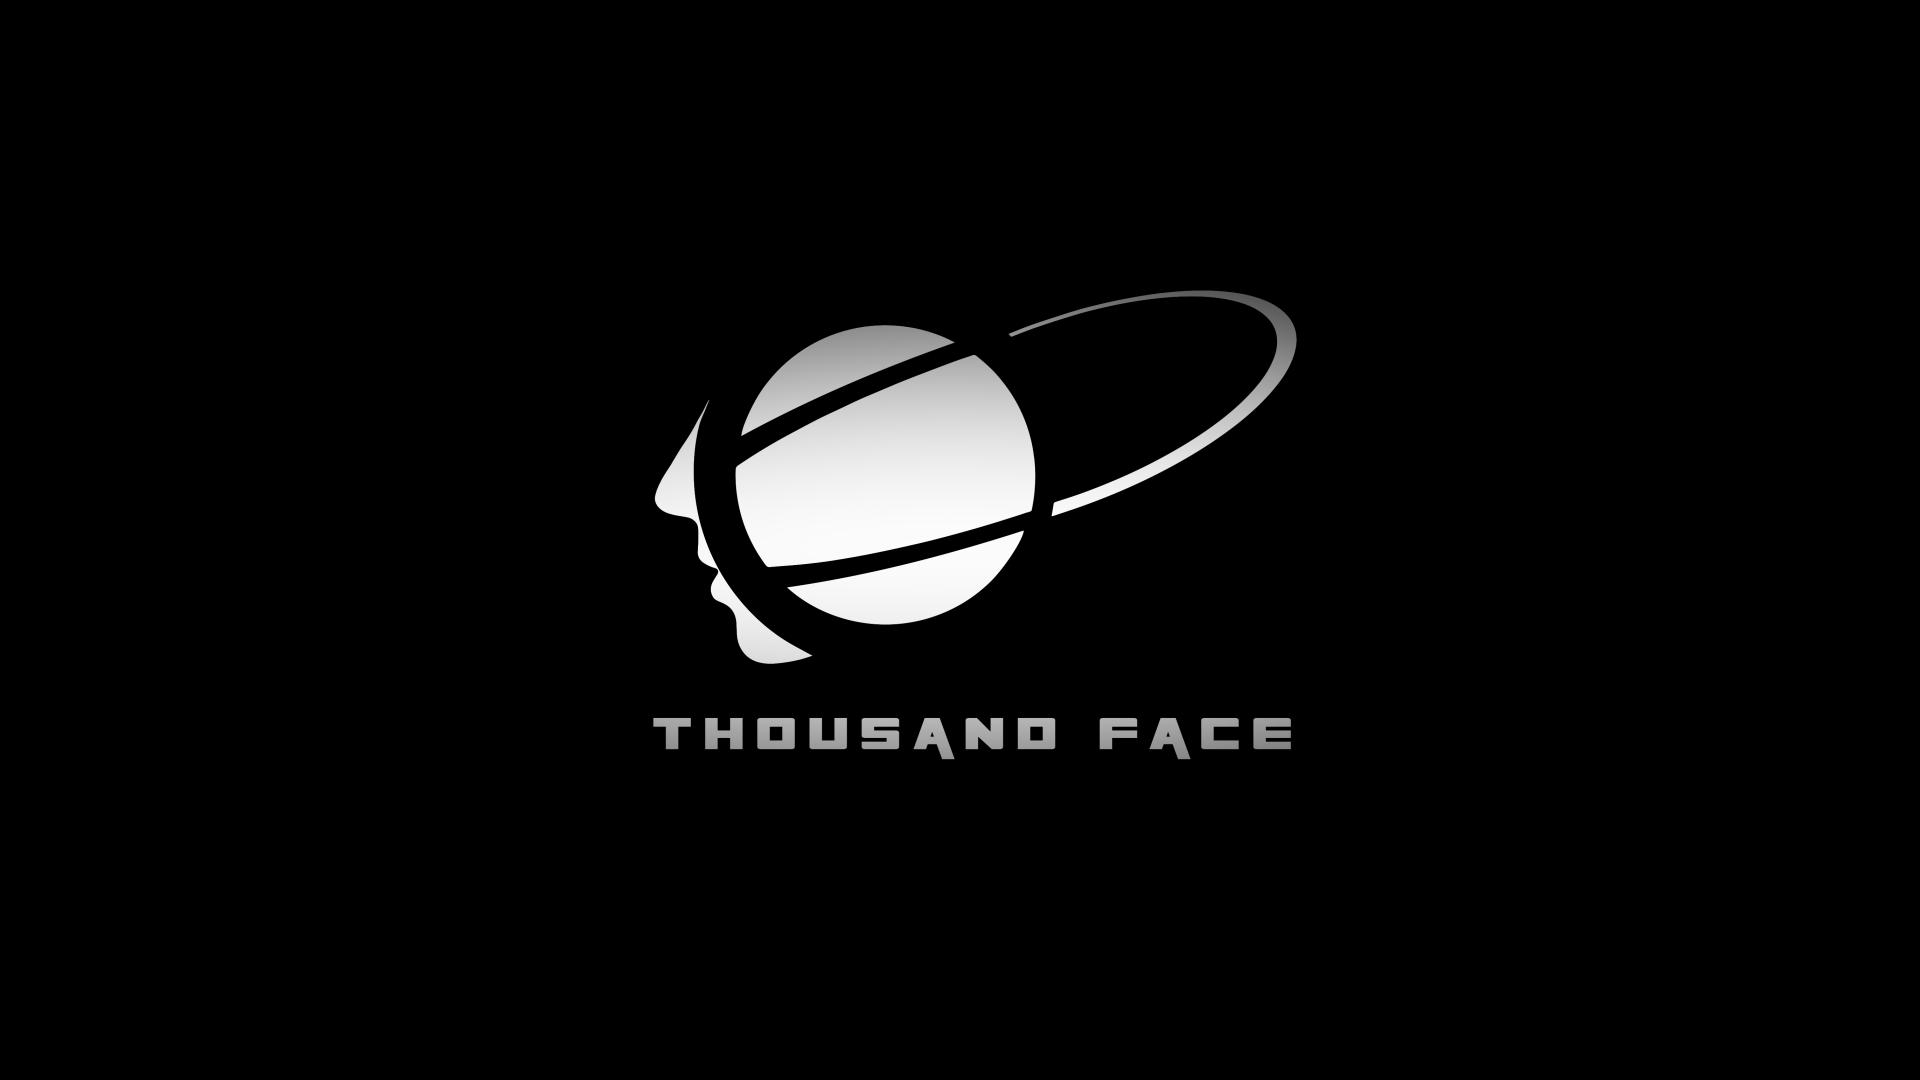 Thousand Face